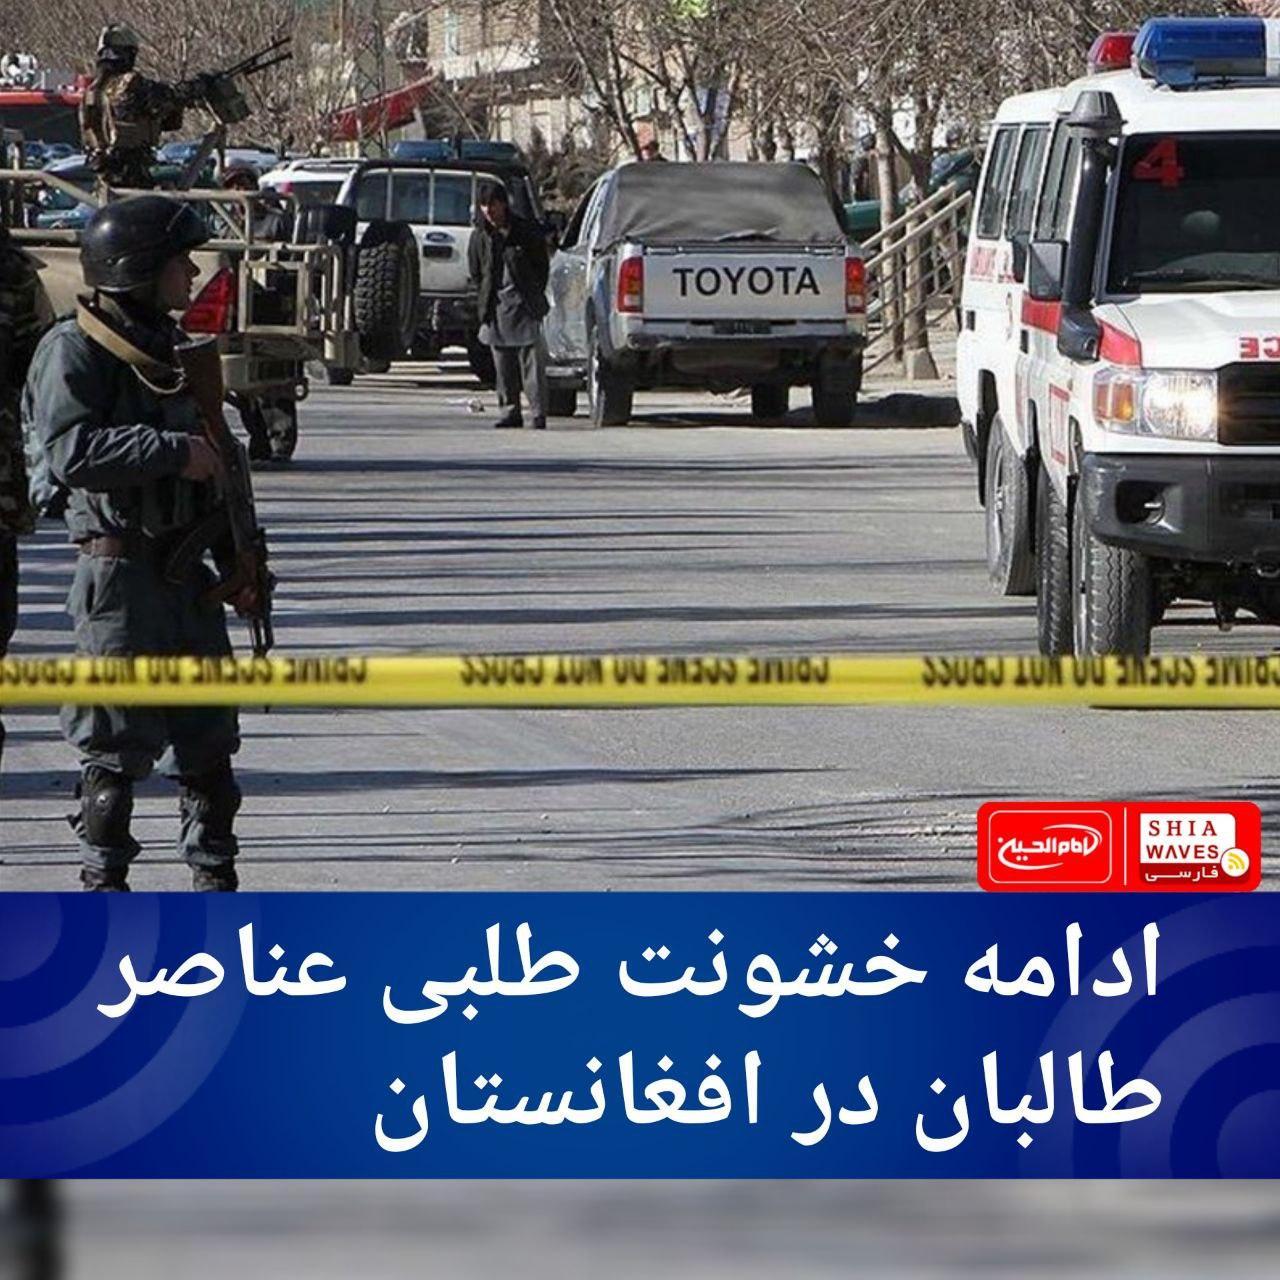 تصویر ادامه خشونت طلبی عناصر طالبان در افغانستان